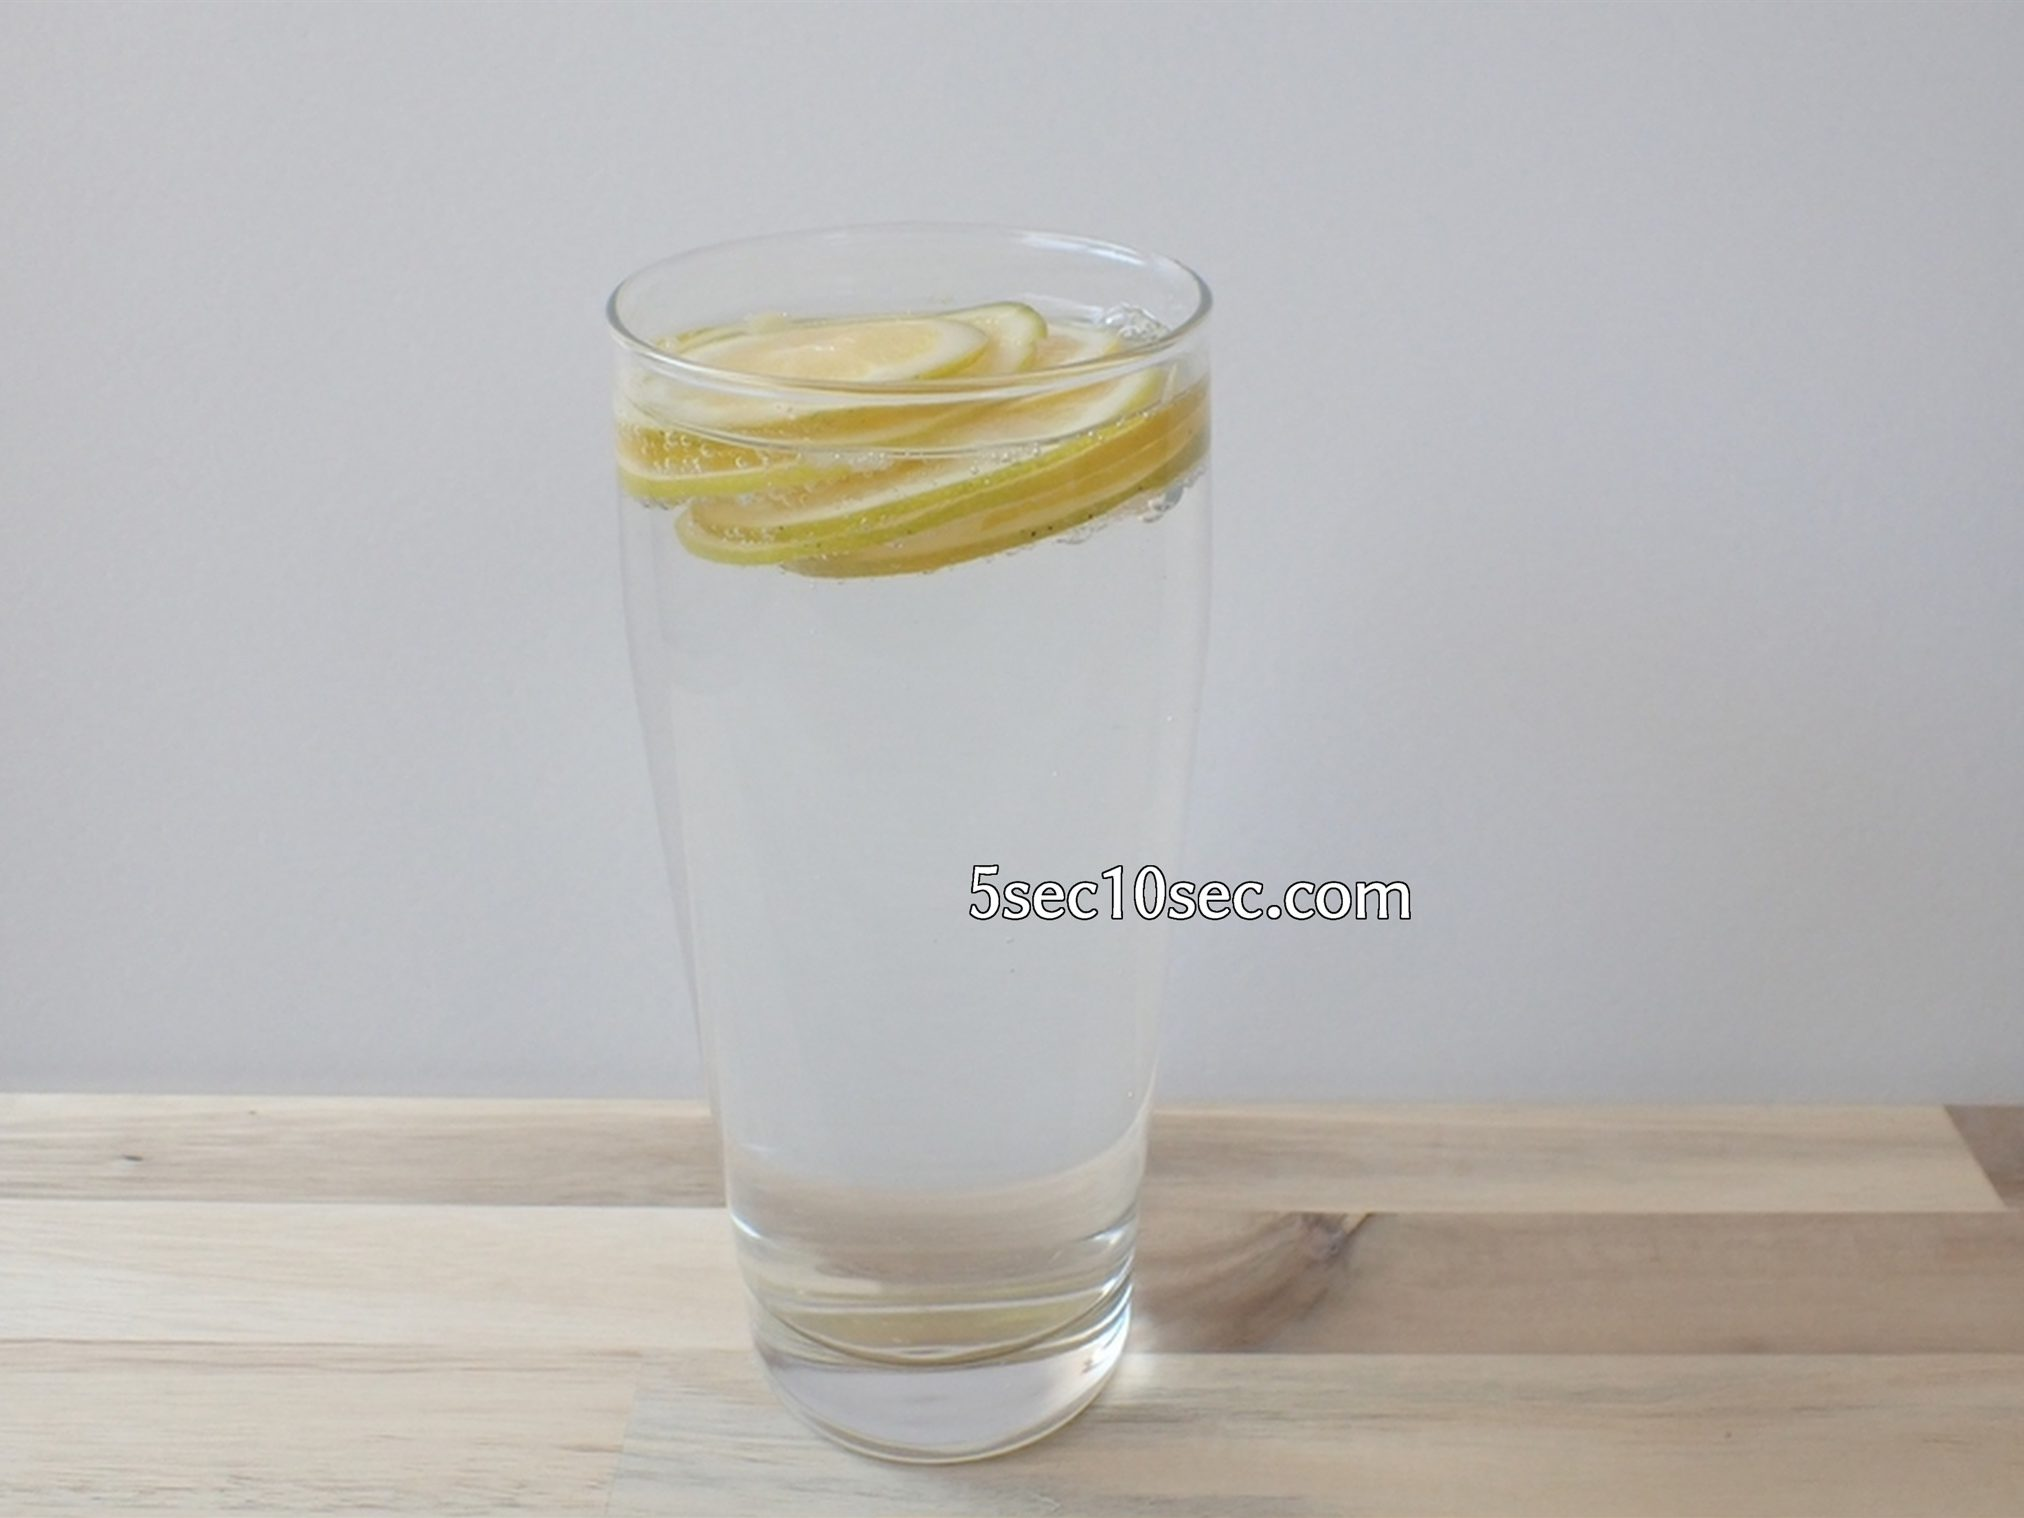 宝酒造 こだわりのレモンサワー用 宝焼酎 冷凍レモンを使えばお手軽に楽しめる